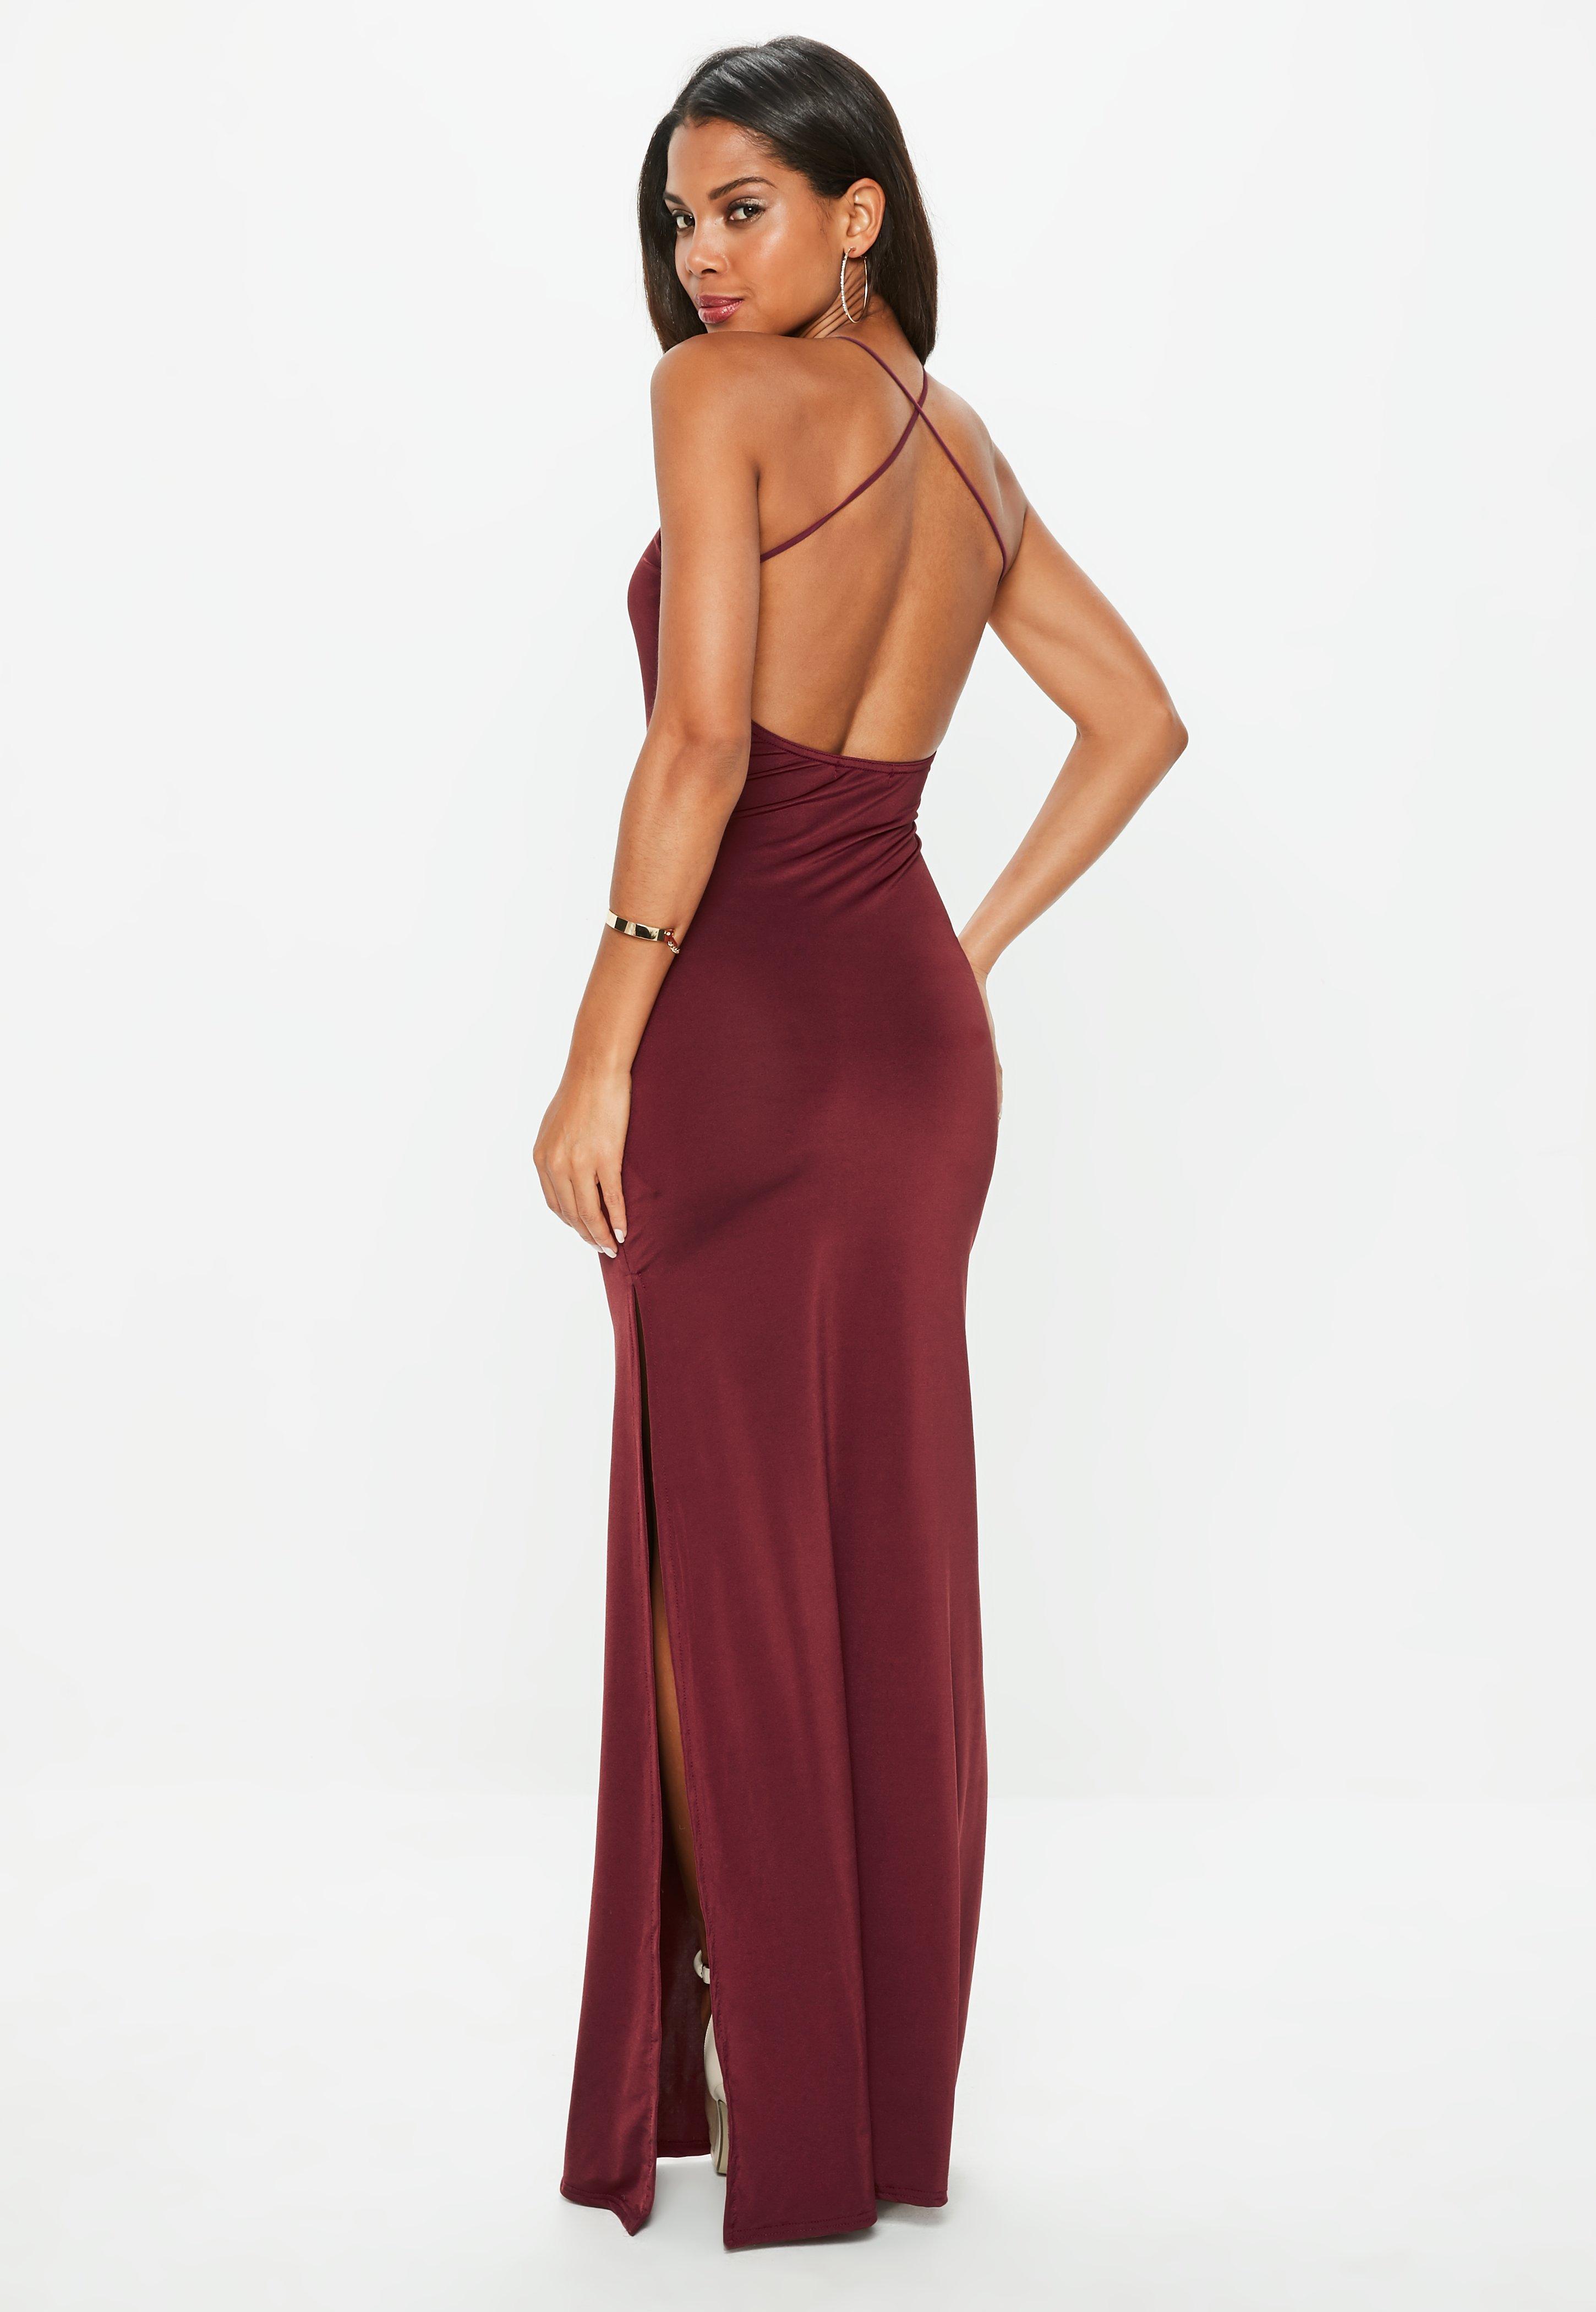 Robe longue rouge bordeaux